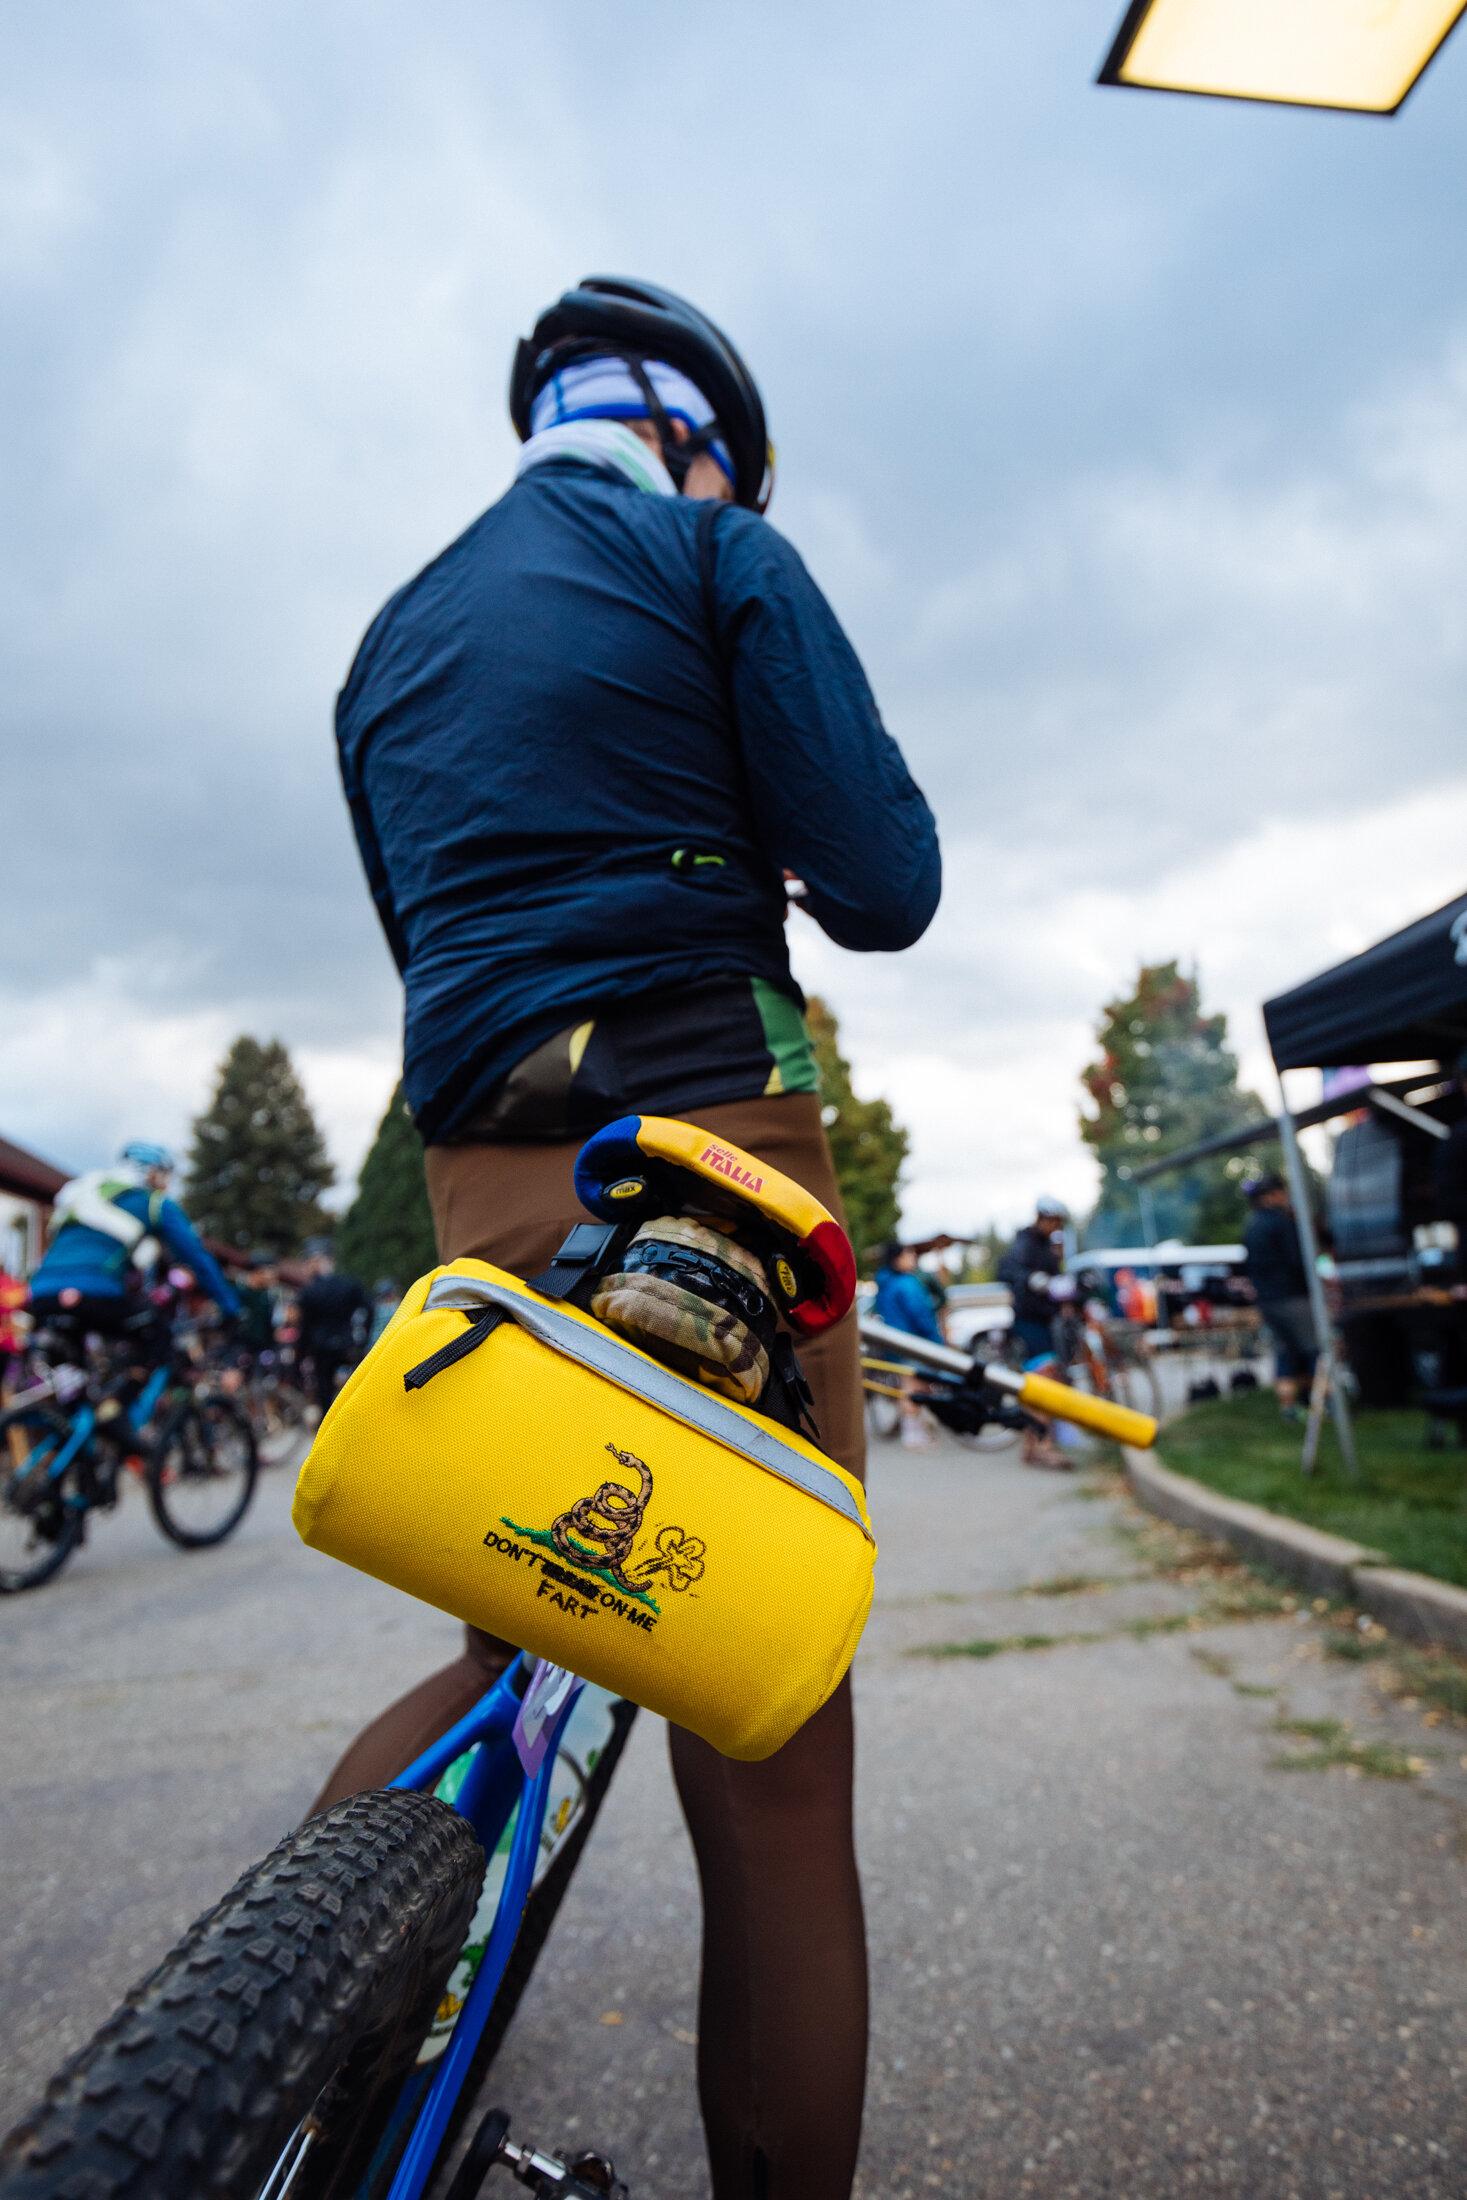 Bike Race Saddlebag Yellow